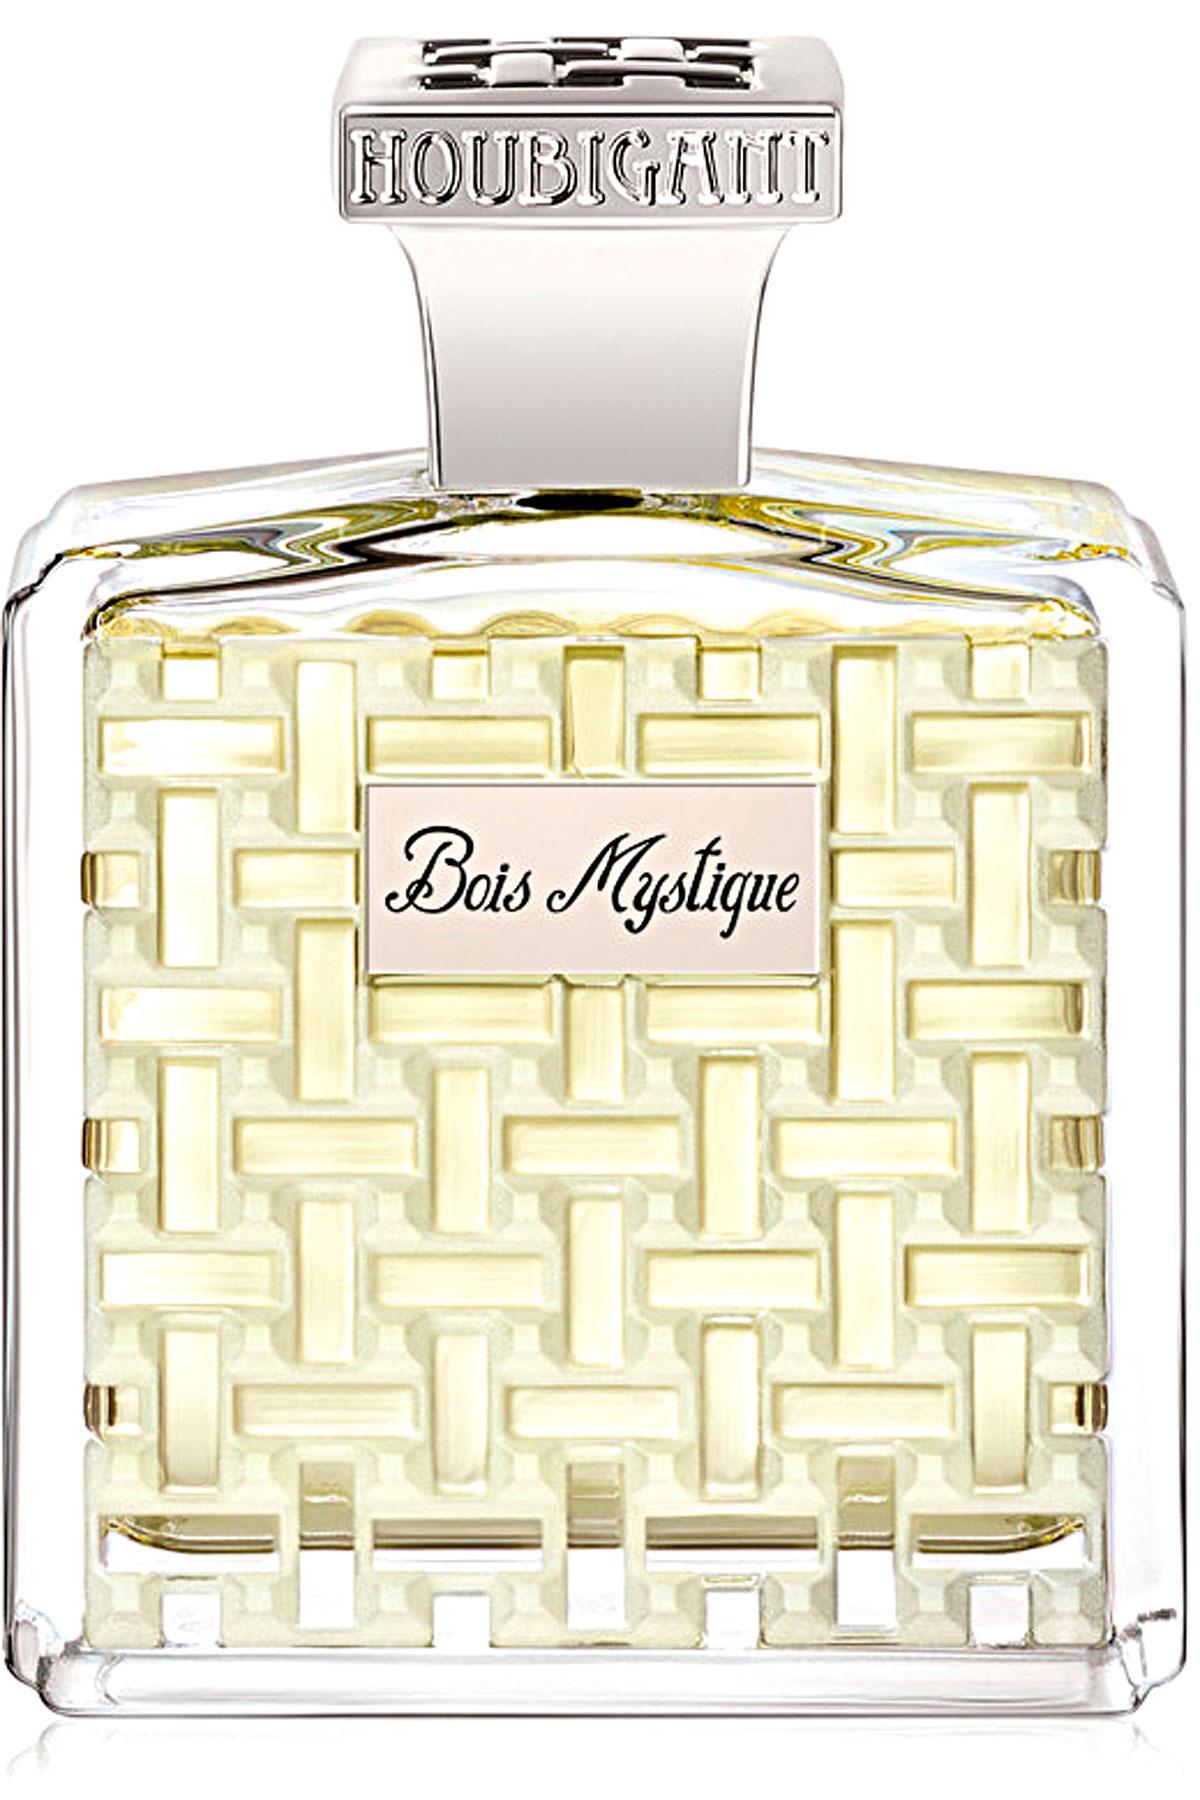 Houbigant Paris Fragrances for Men, Bois Mystique - Eaa De Parfum - 100 Ml, 2019, 100 ml